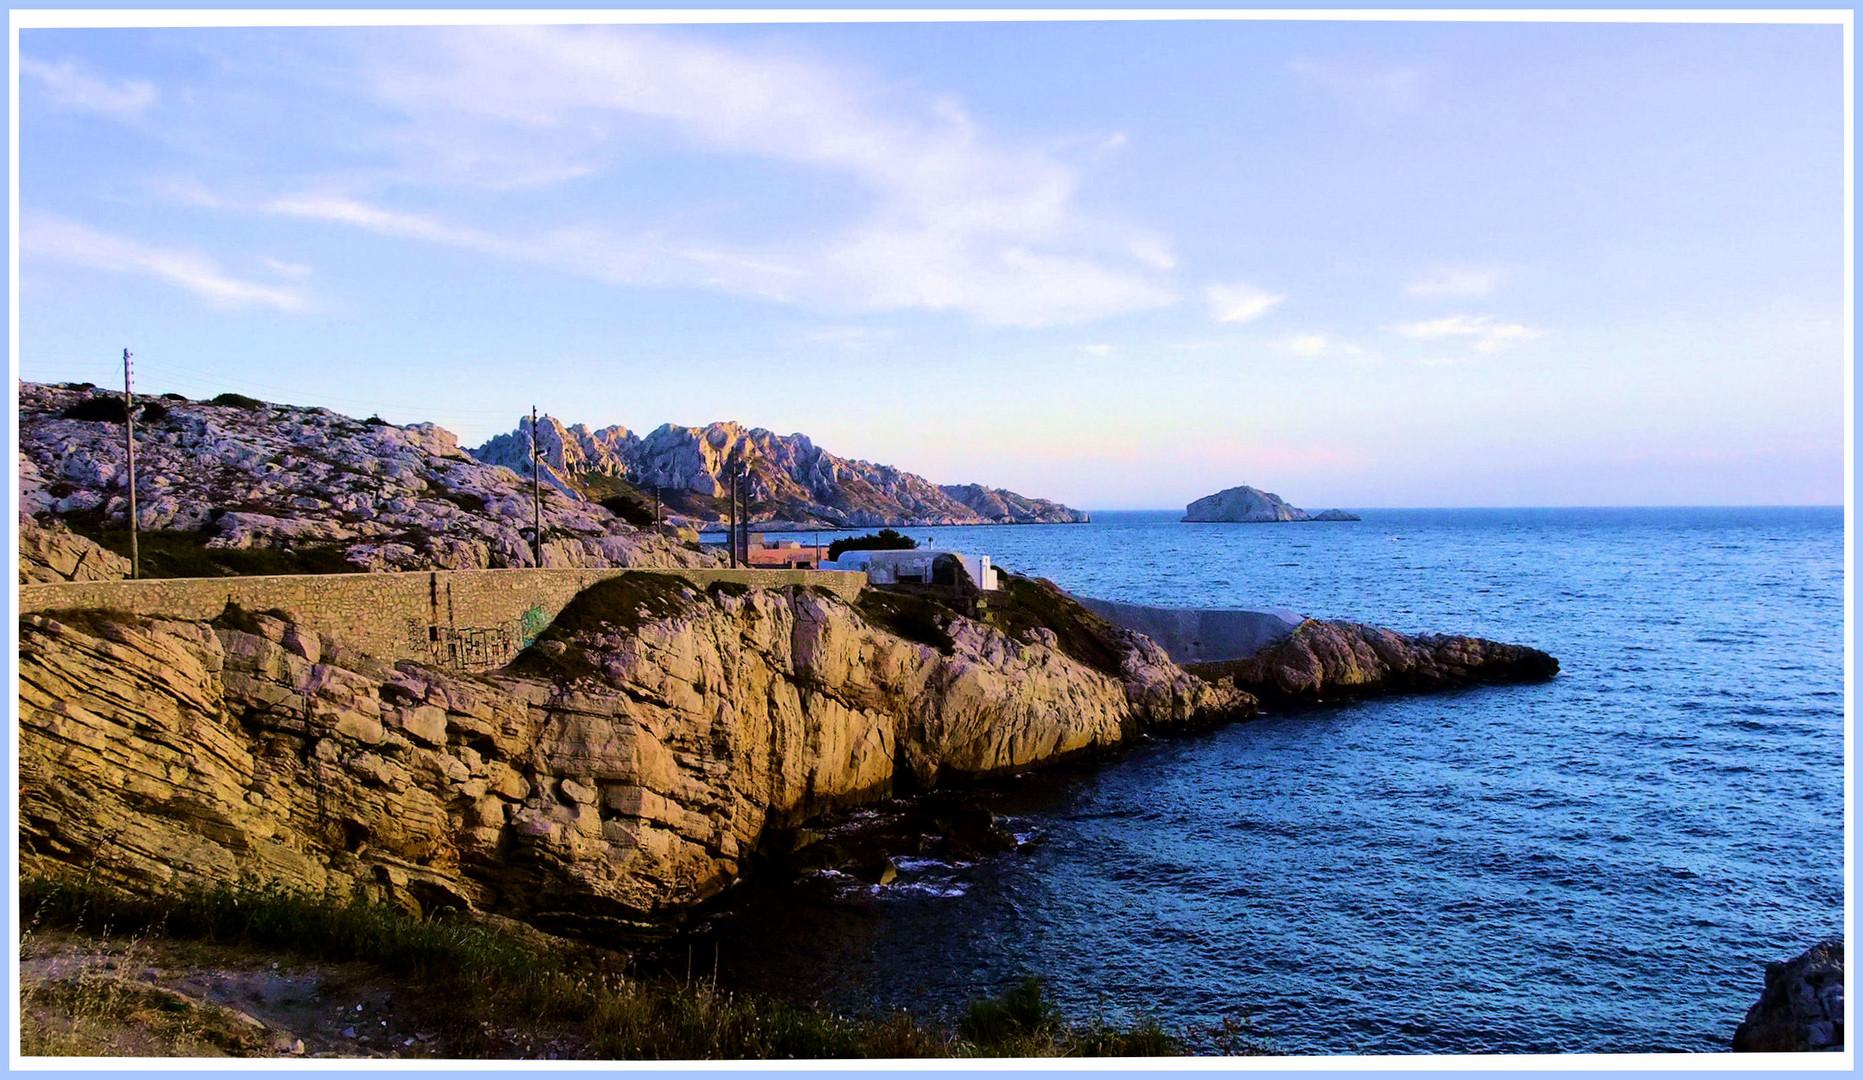 Le silence de la mer...